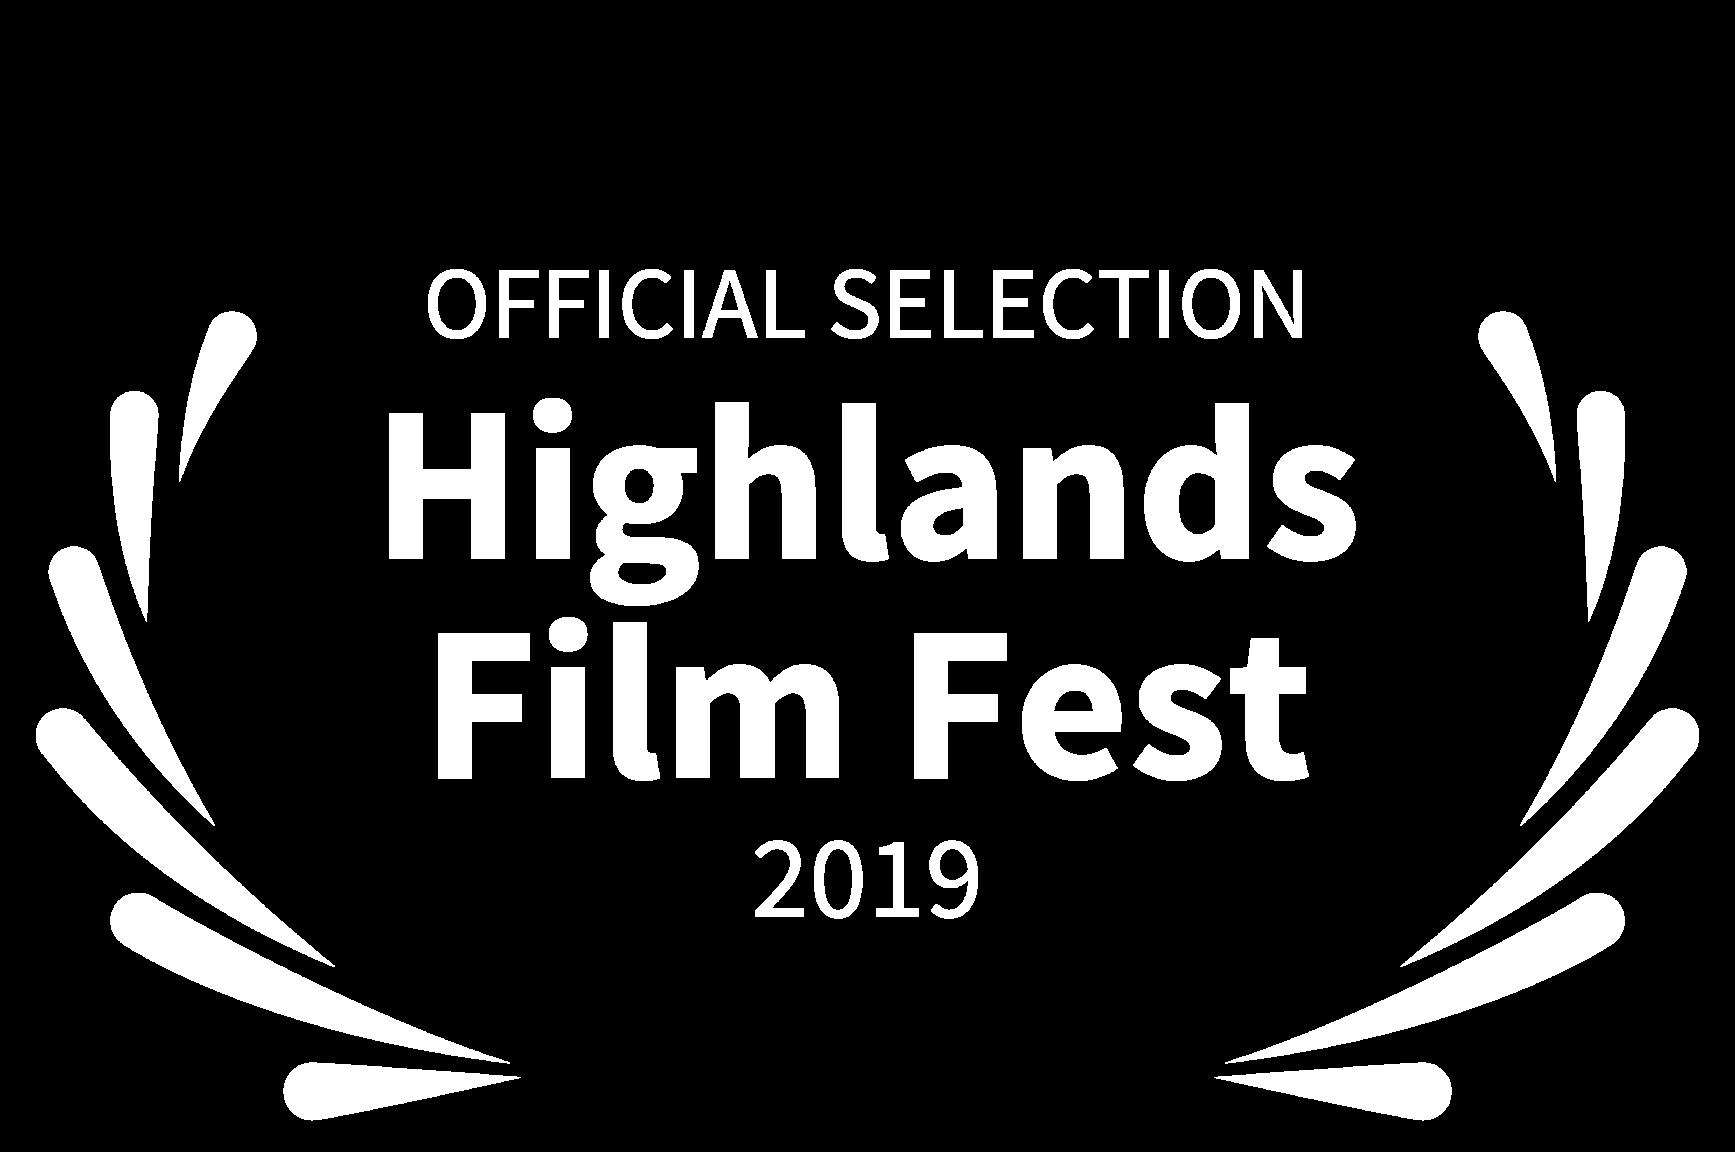 OFFICIAL SELECTION - Highlands Film Fest - 2019.png